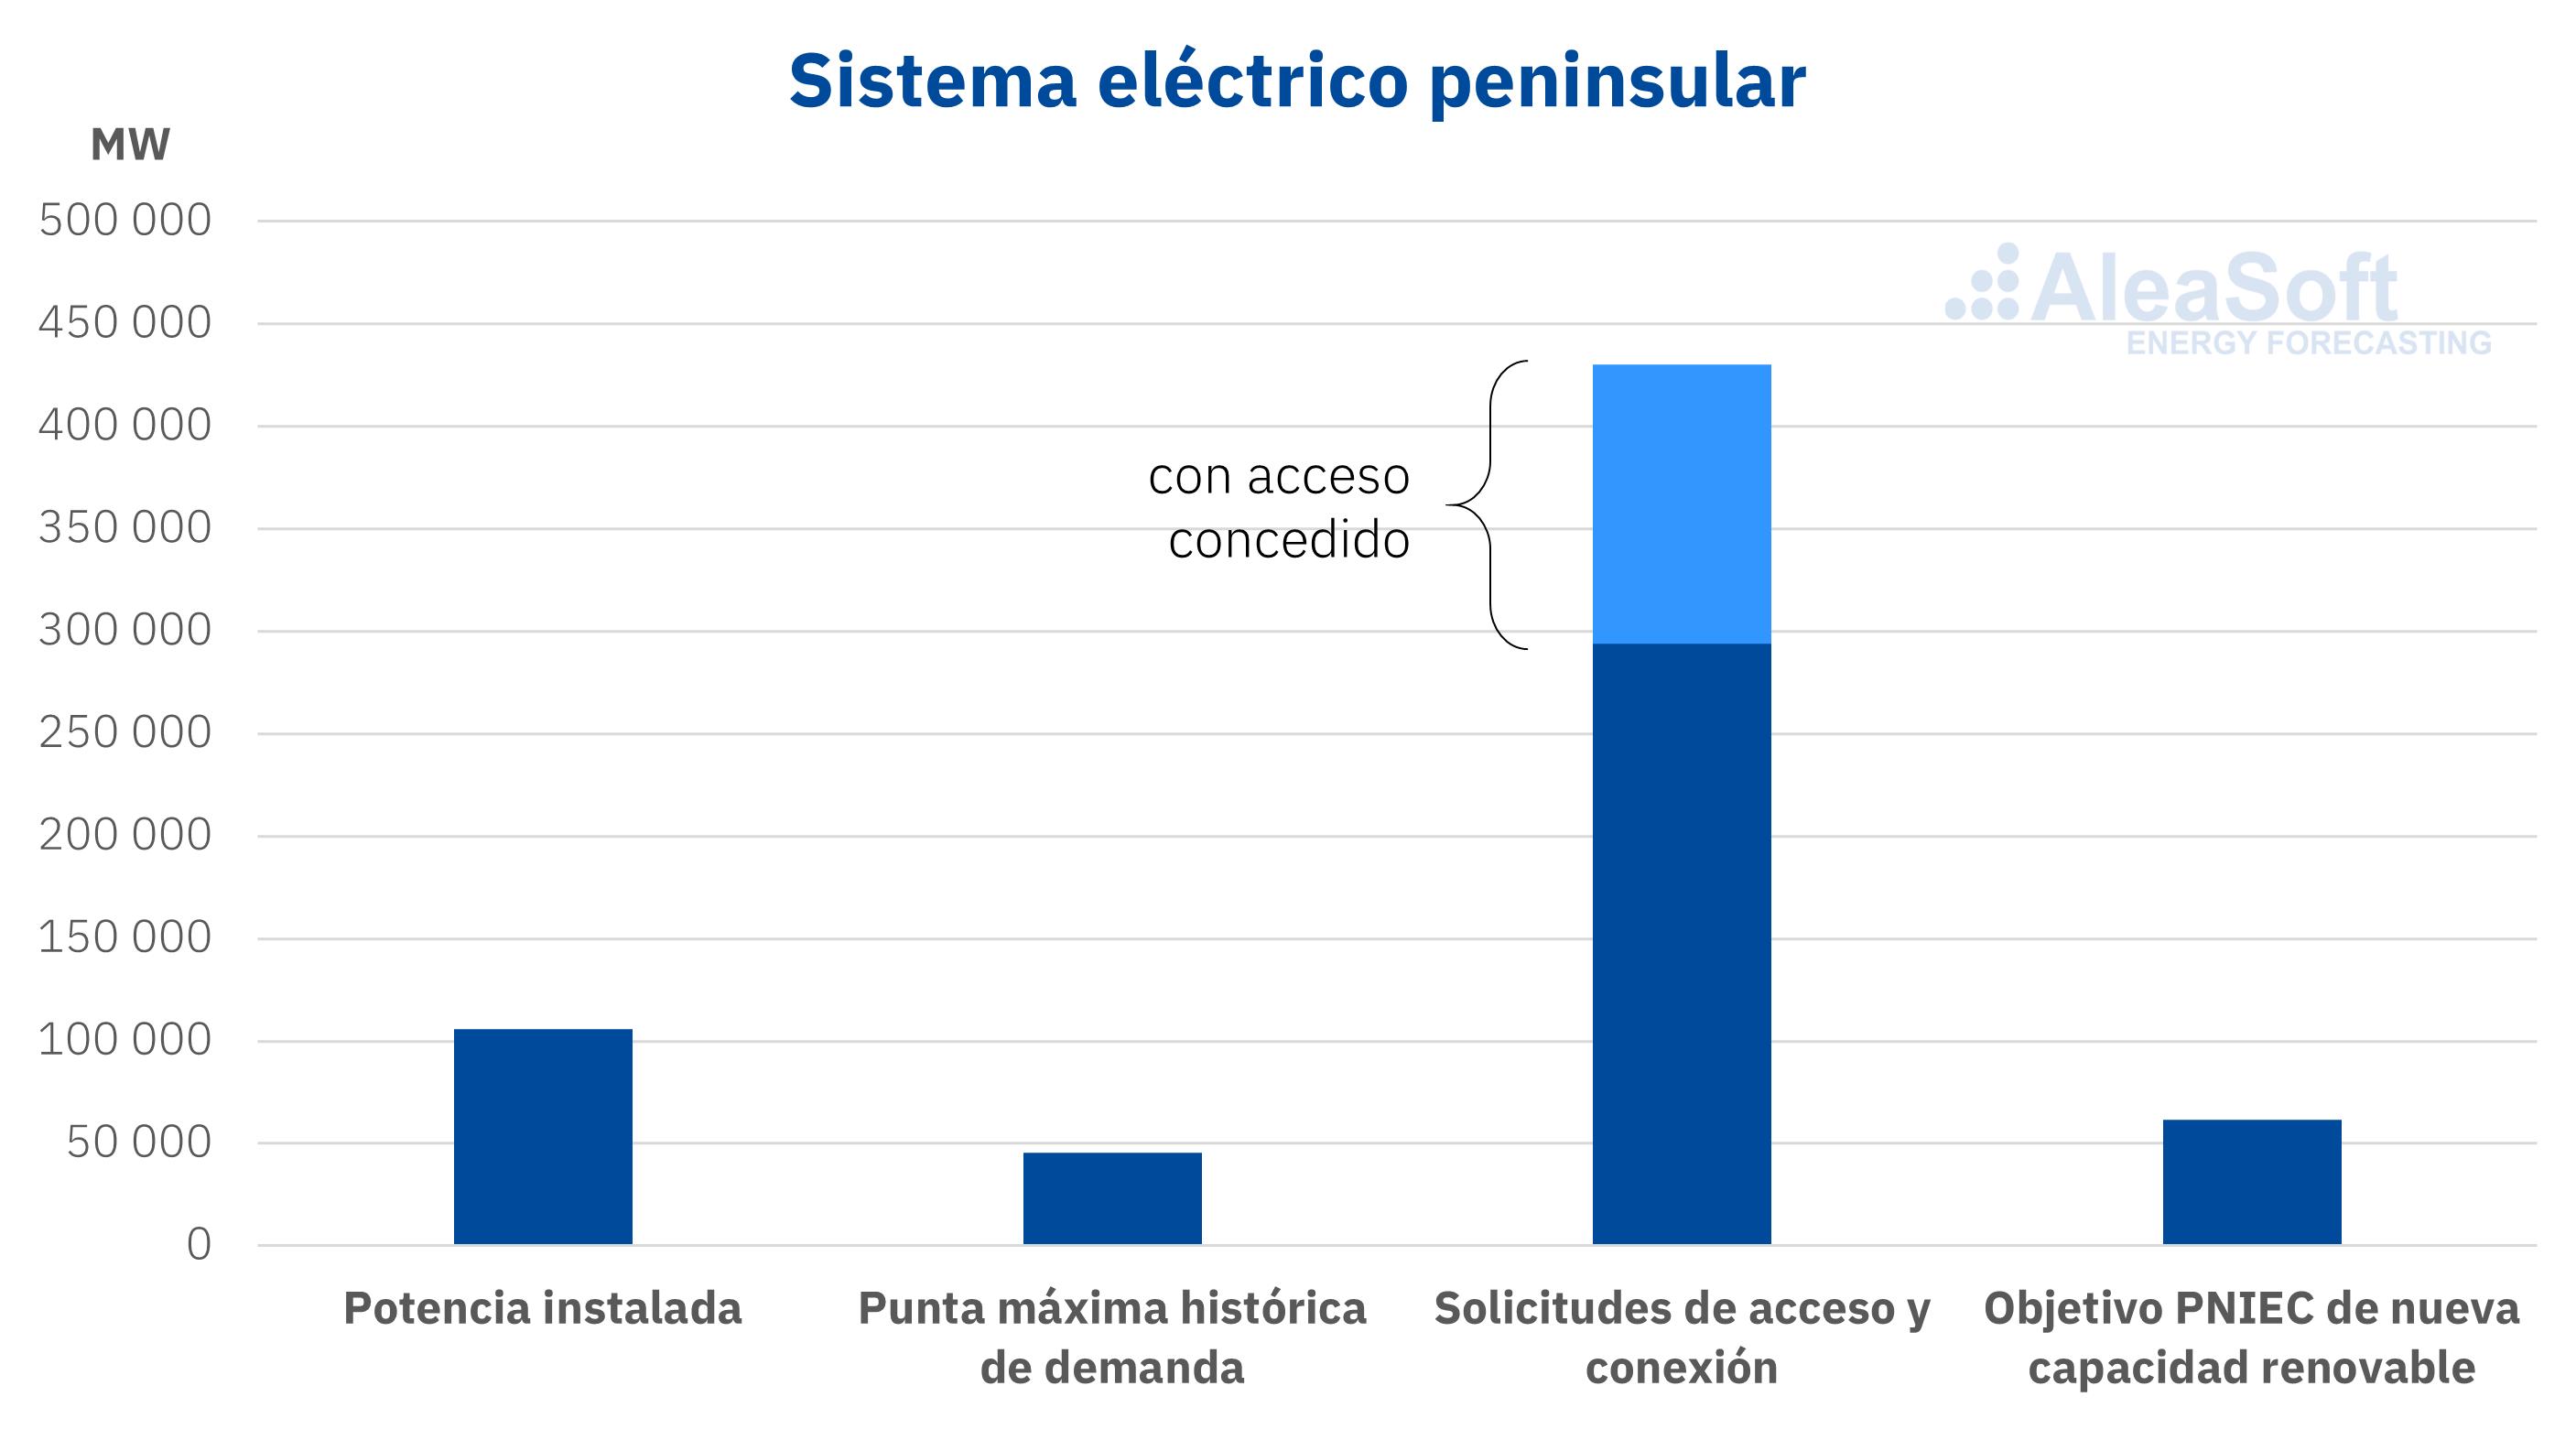 alt - https://static.comunicae.com/photos/notas/1216221/1594134903_20200707_AleaSoft_Solicitudes_acceso_conexi_n_Espana_MW.png